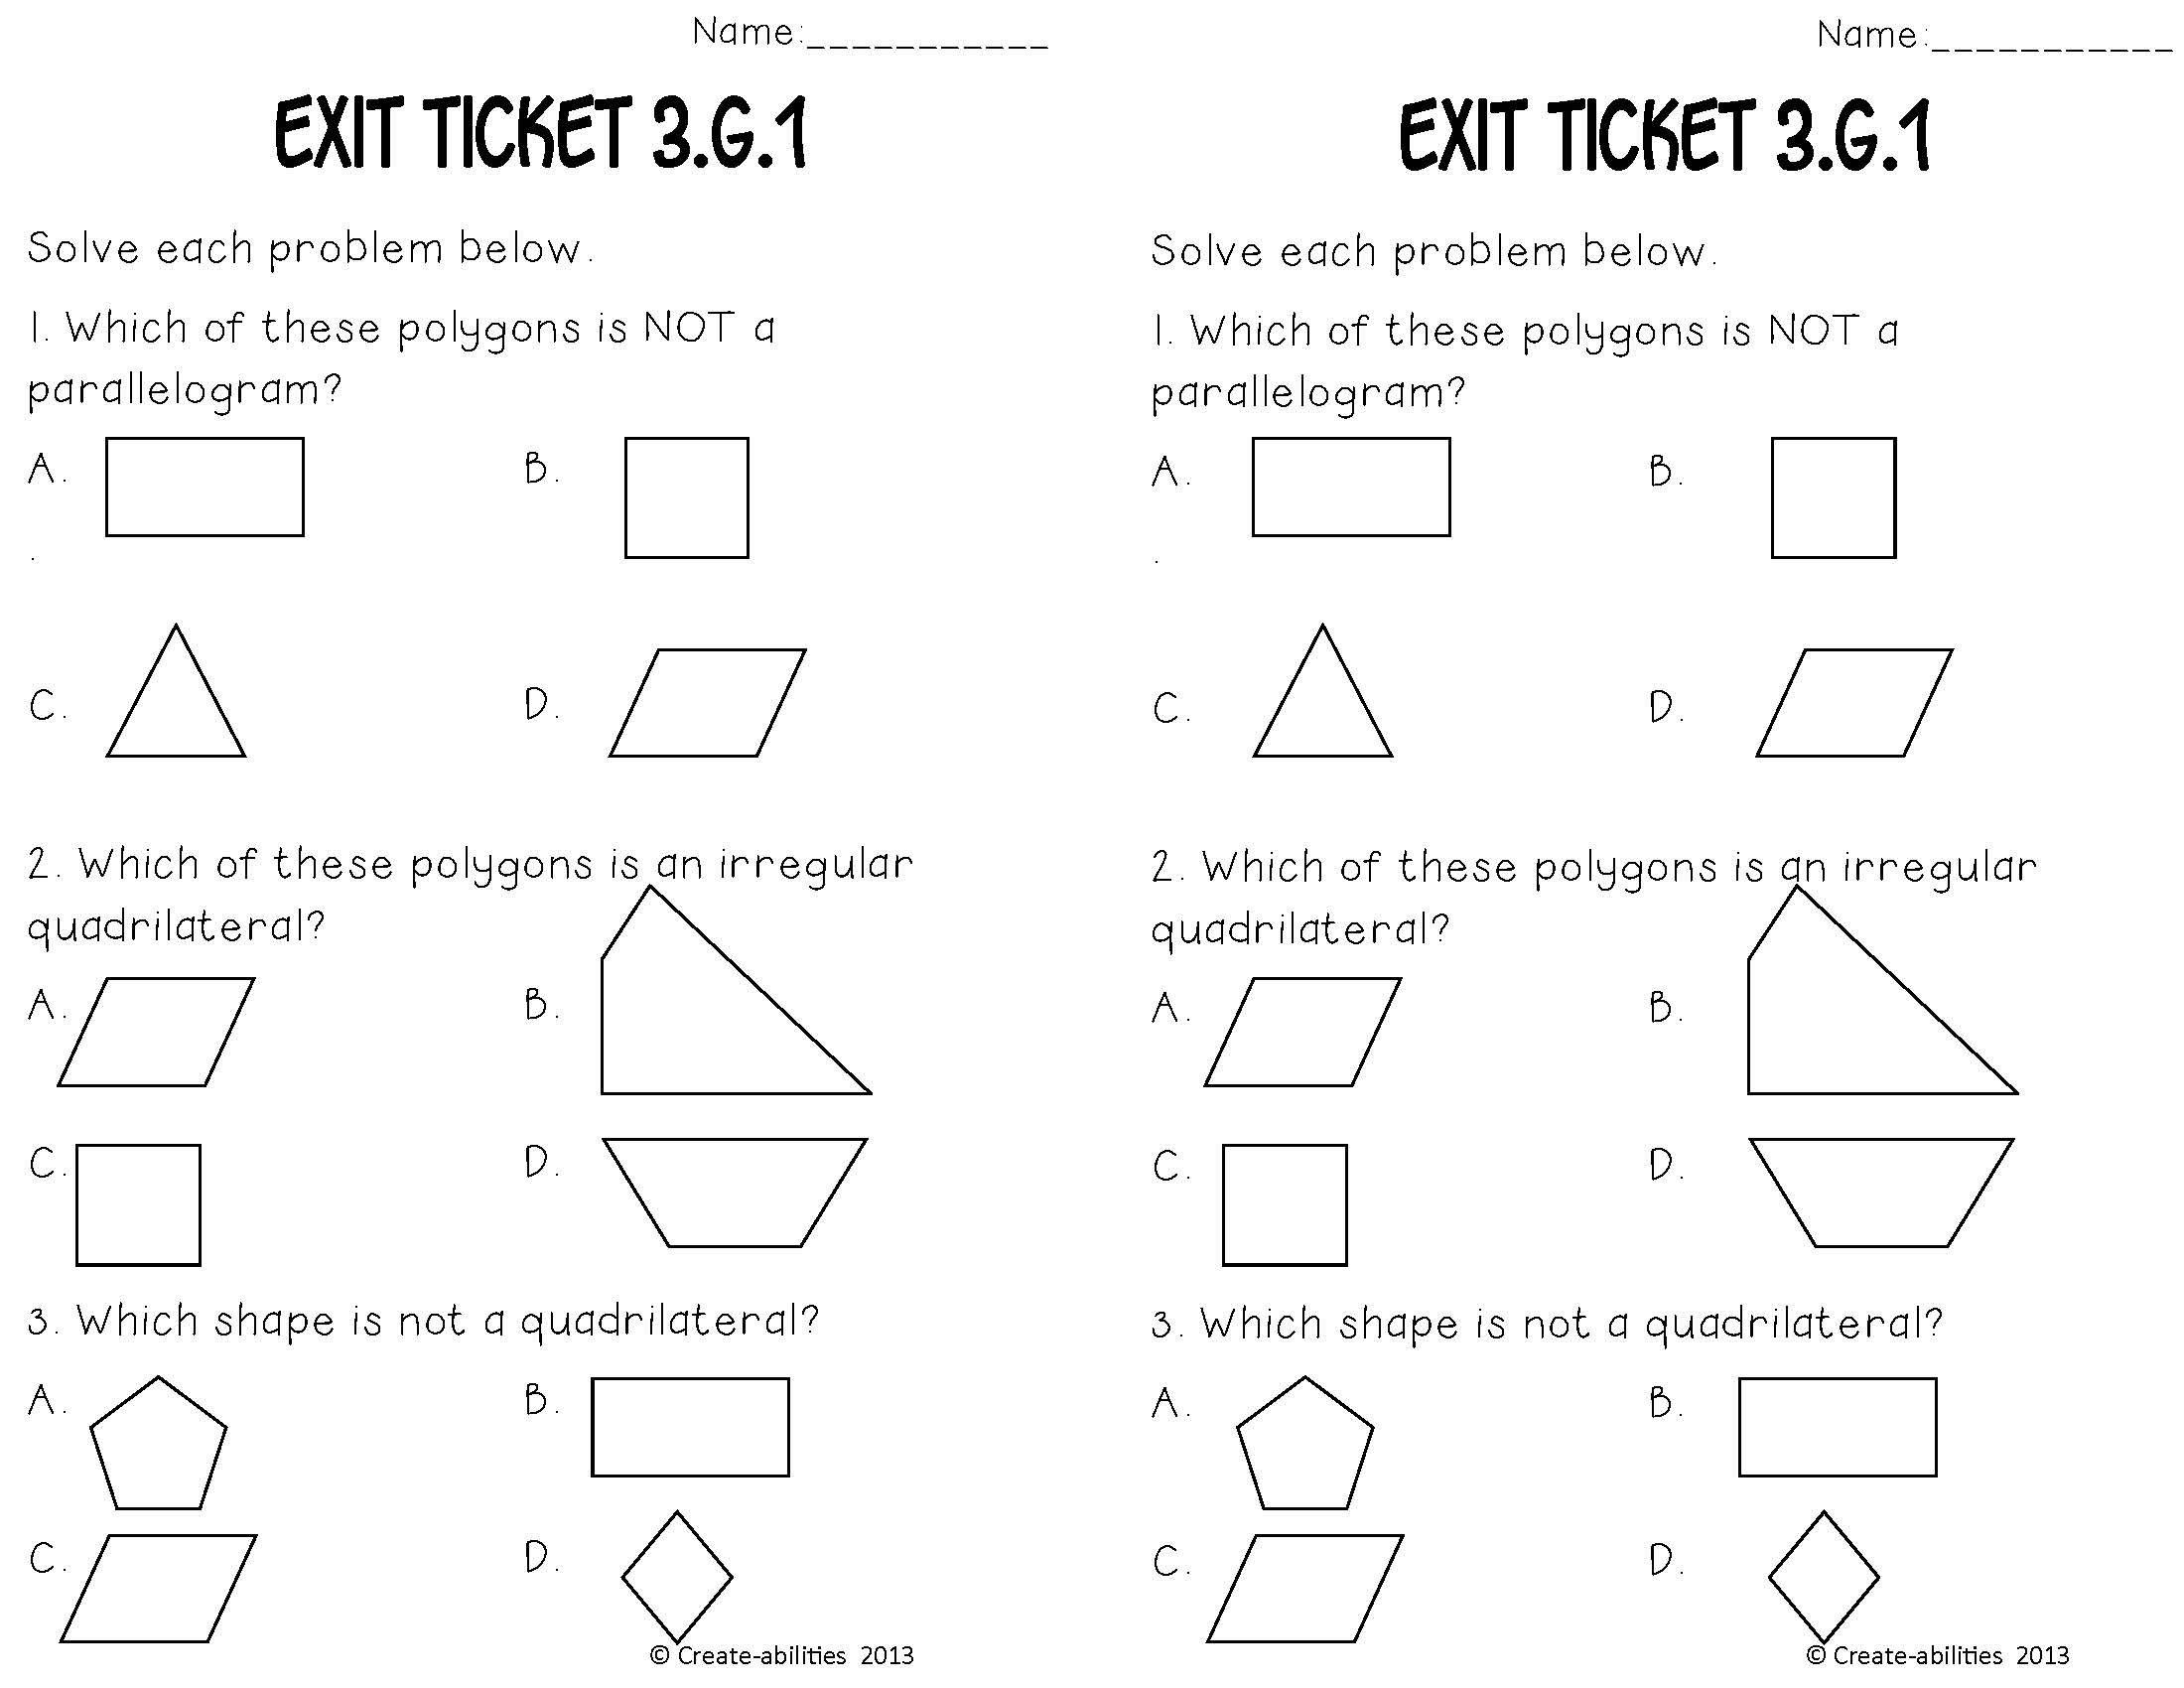 Merged 3 G 1 2 Set Page 13